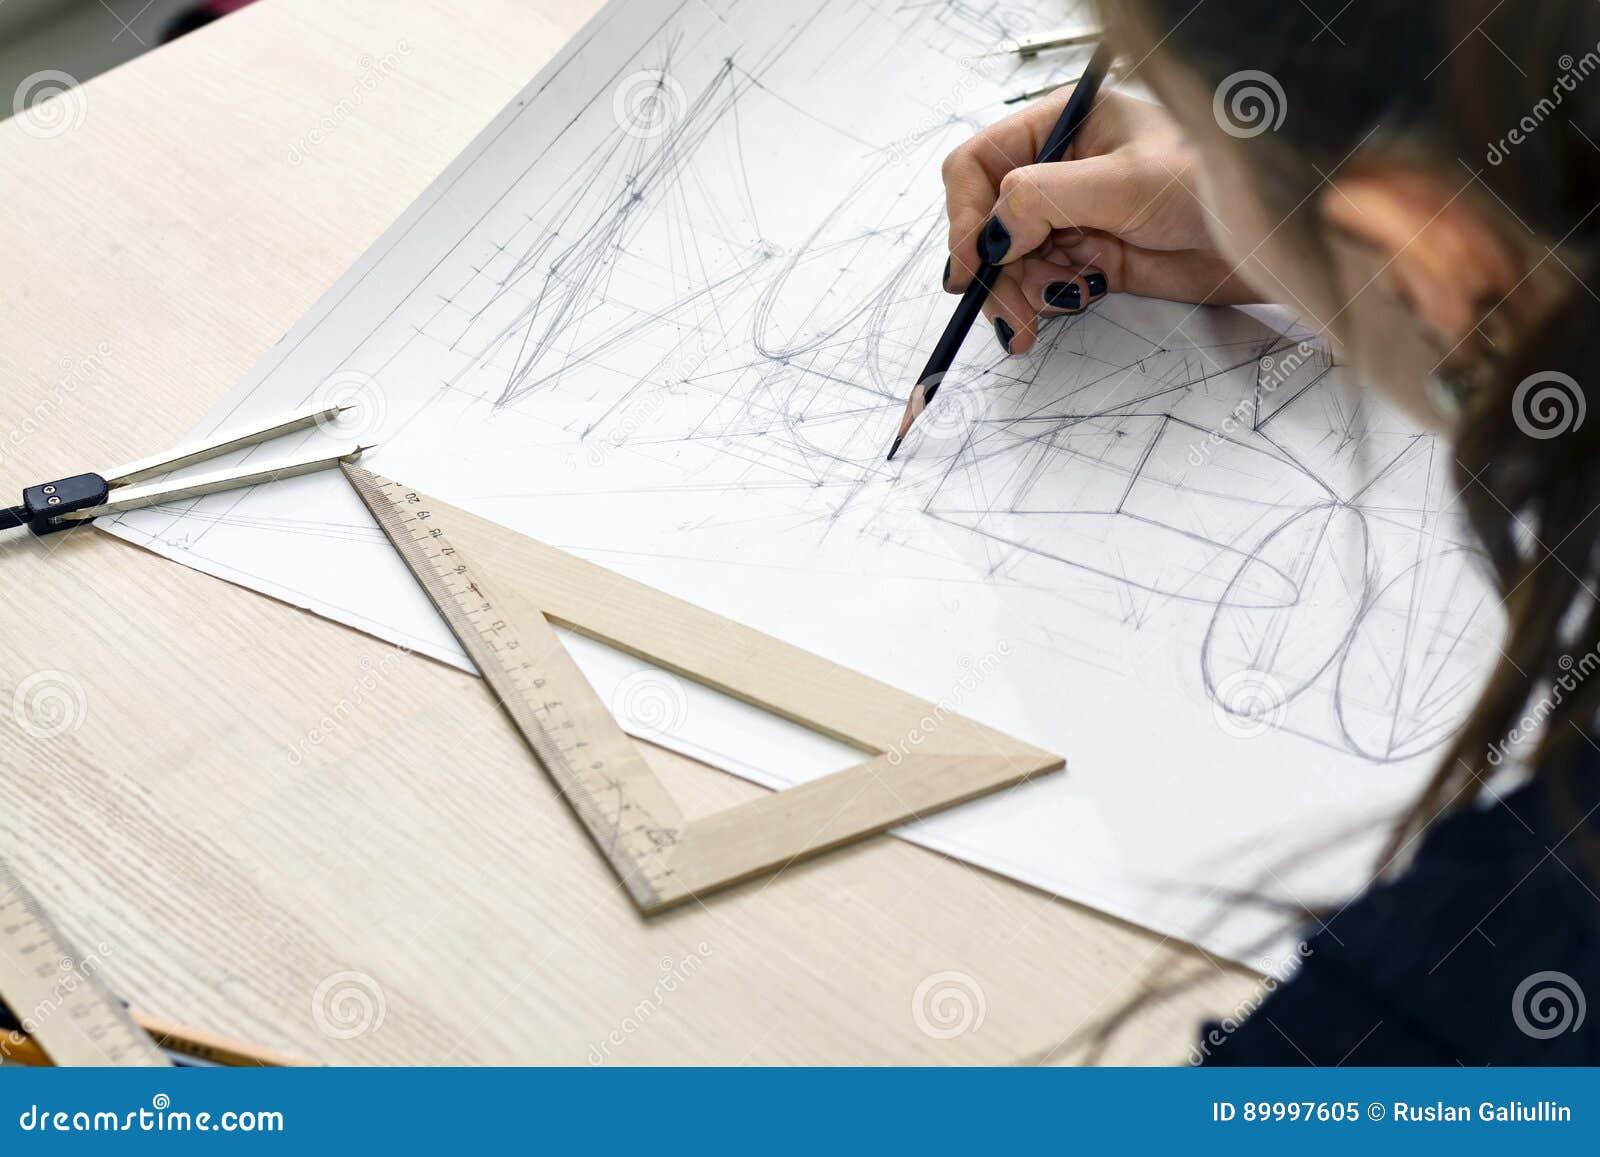 L 39 architetto della ragazza disegna un piano la for Immagine di un disegno di architetto